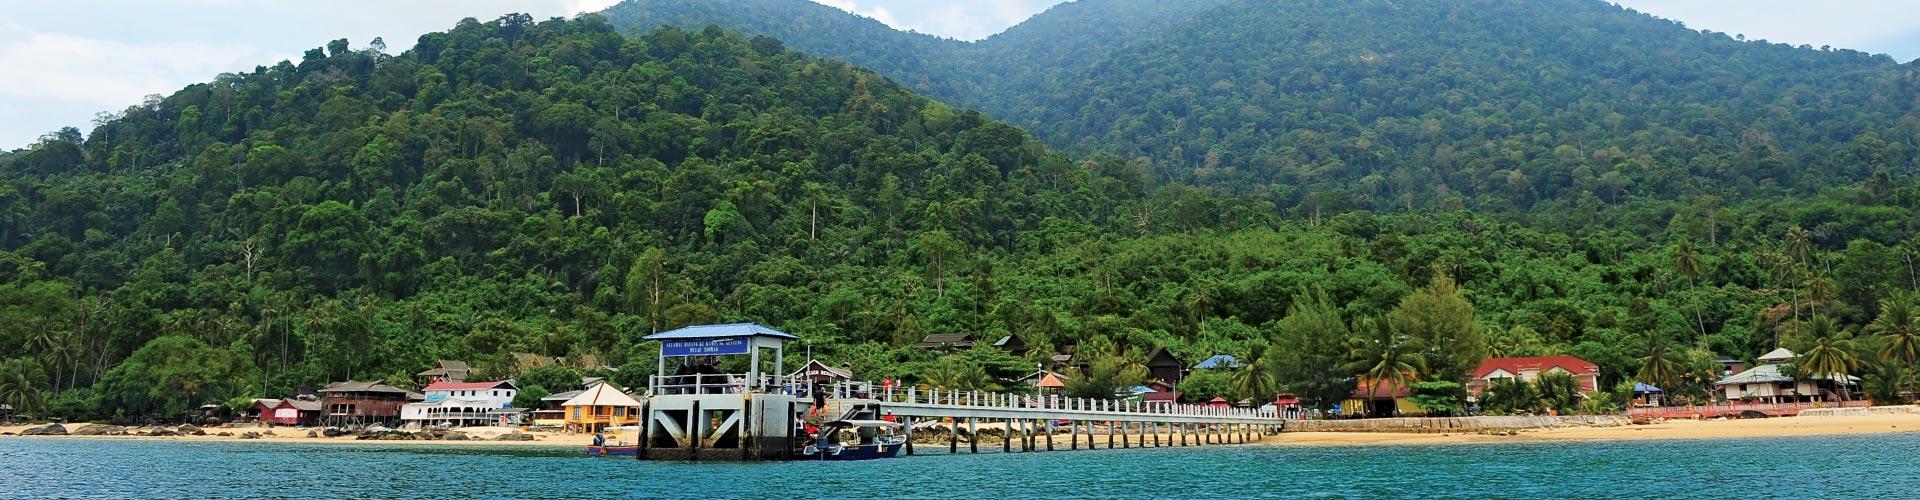 Johore Bahru, Tioman Island, Desaru